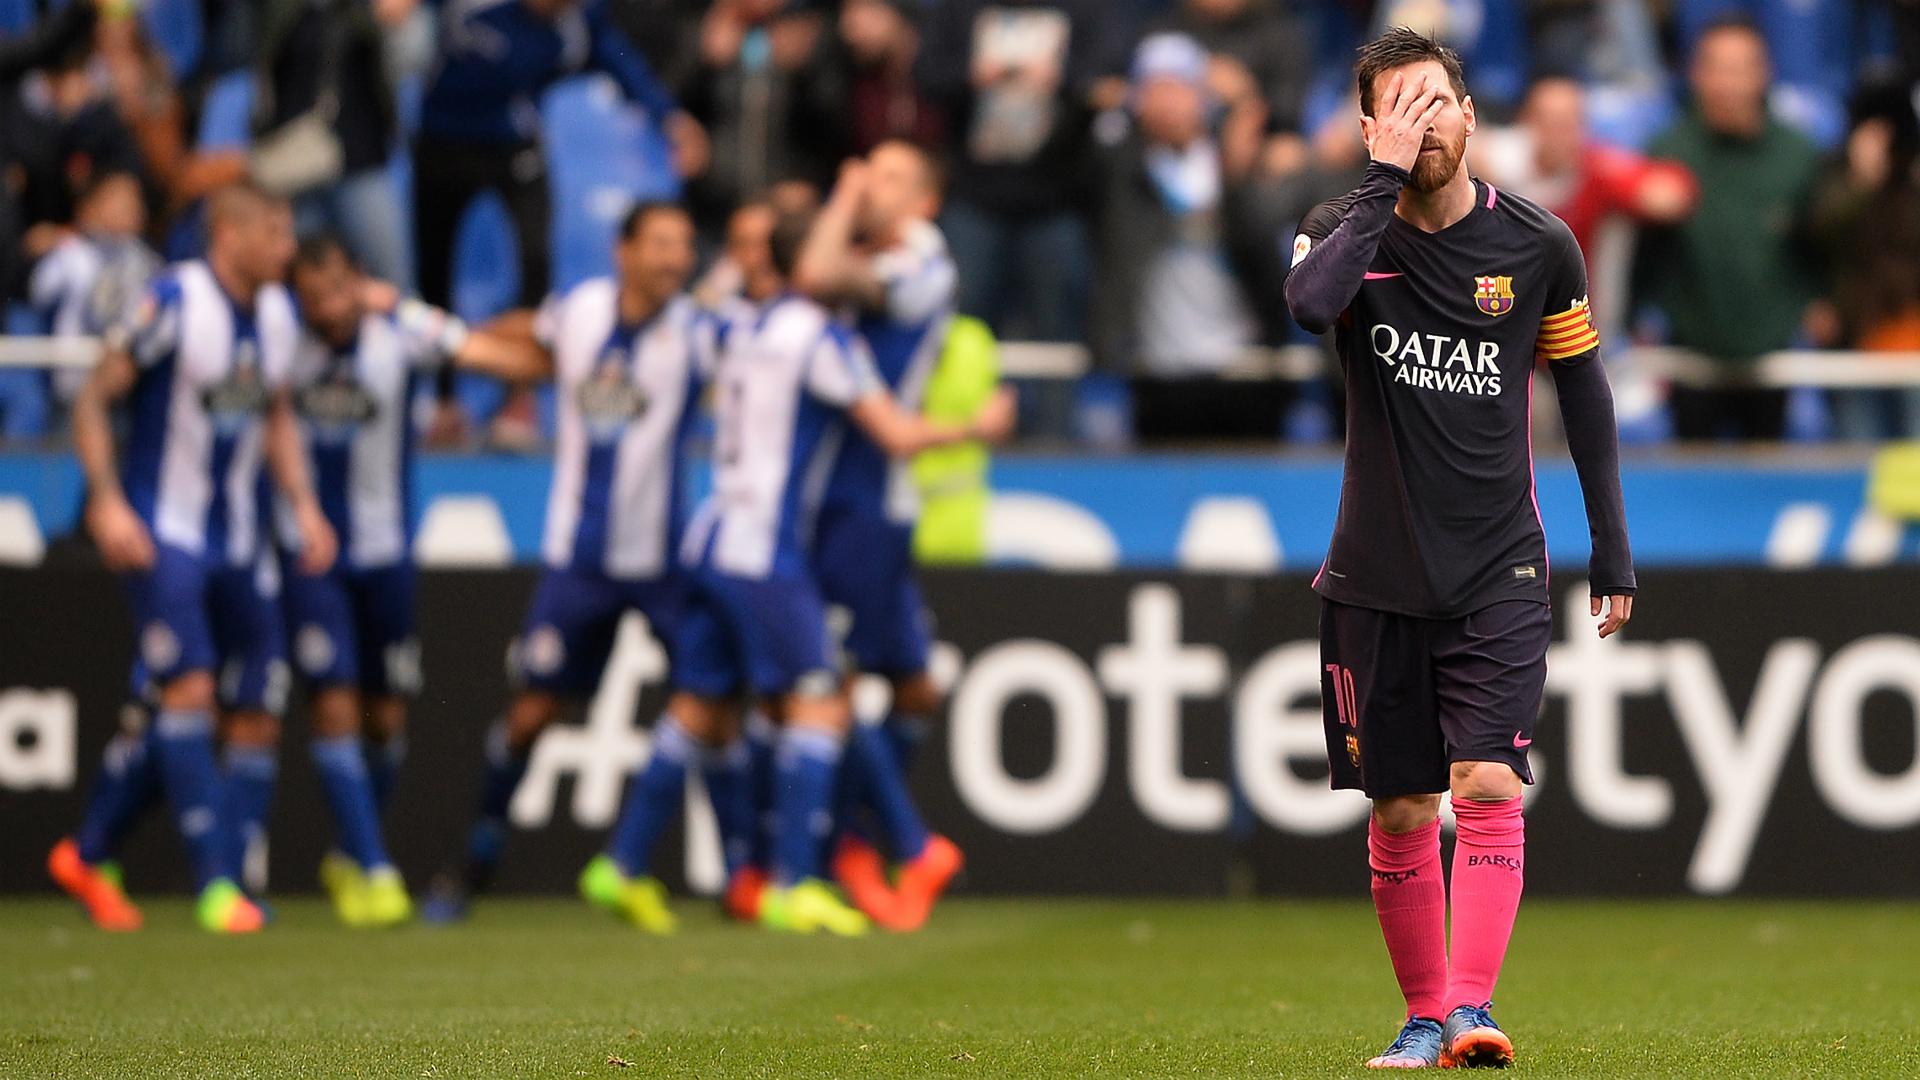 PREVIEW: Barcelona vs Deportivo 17-12-2017